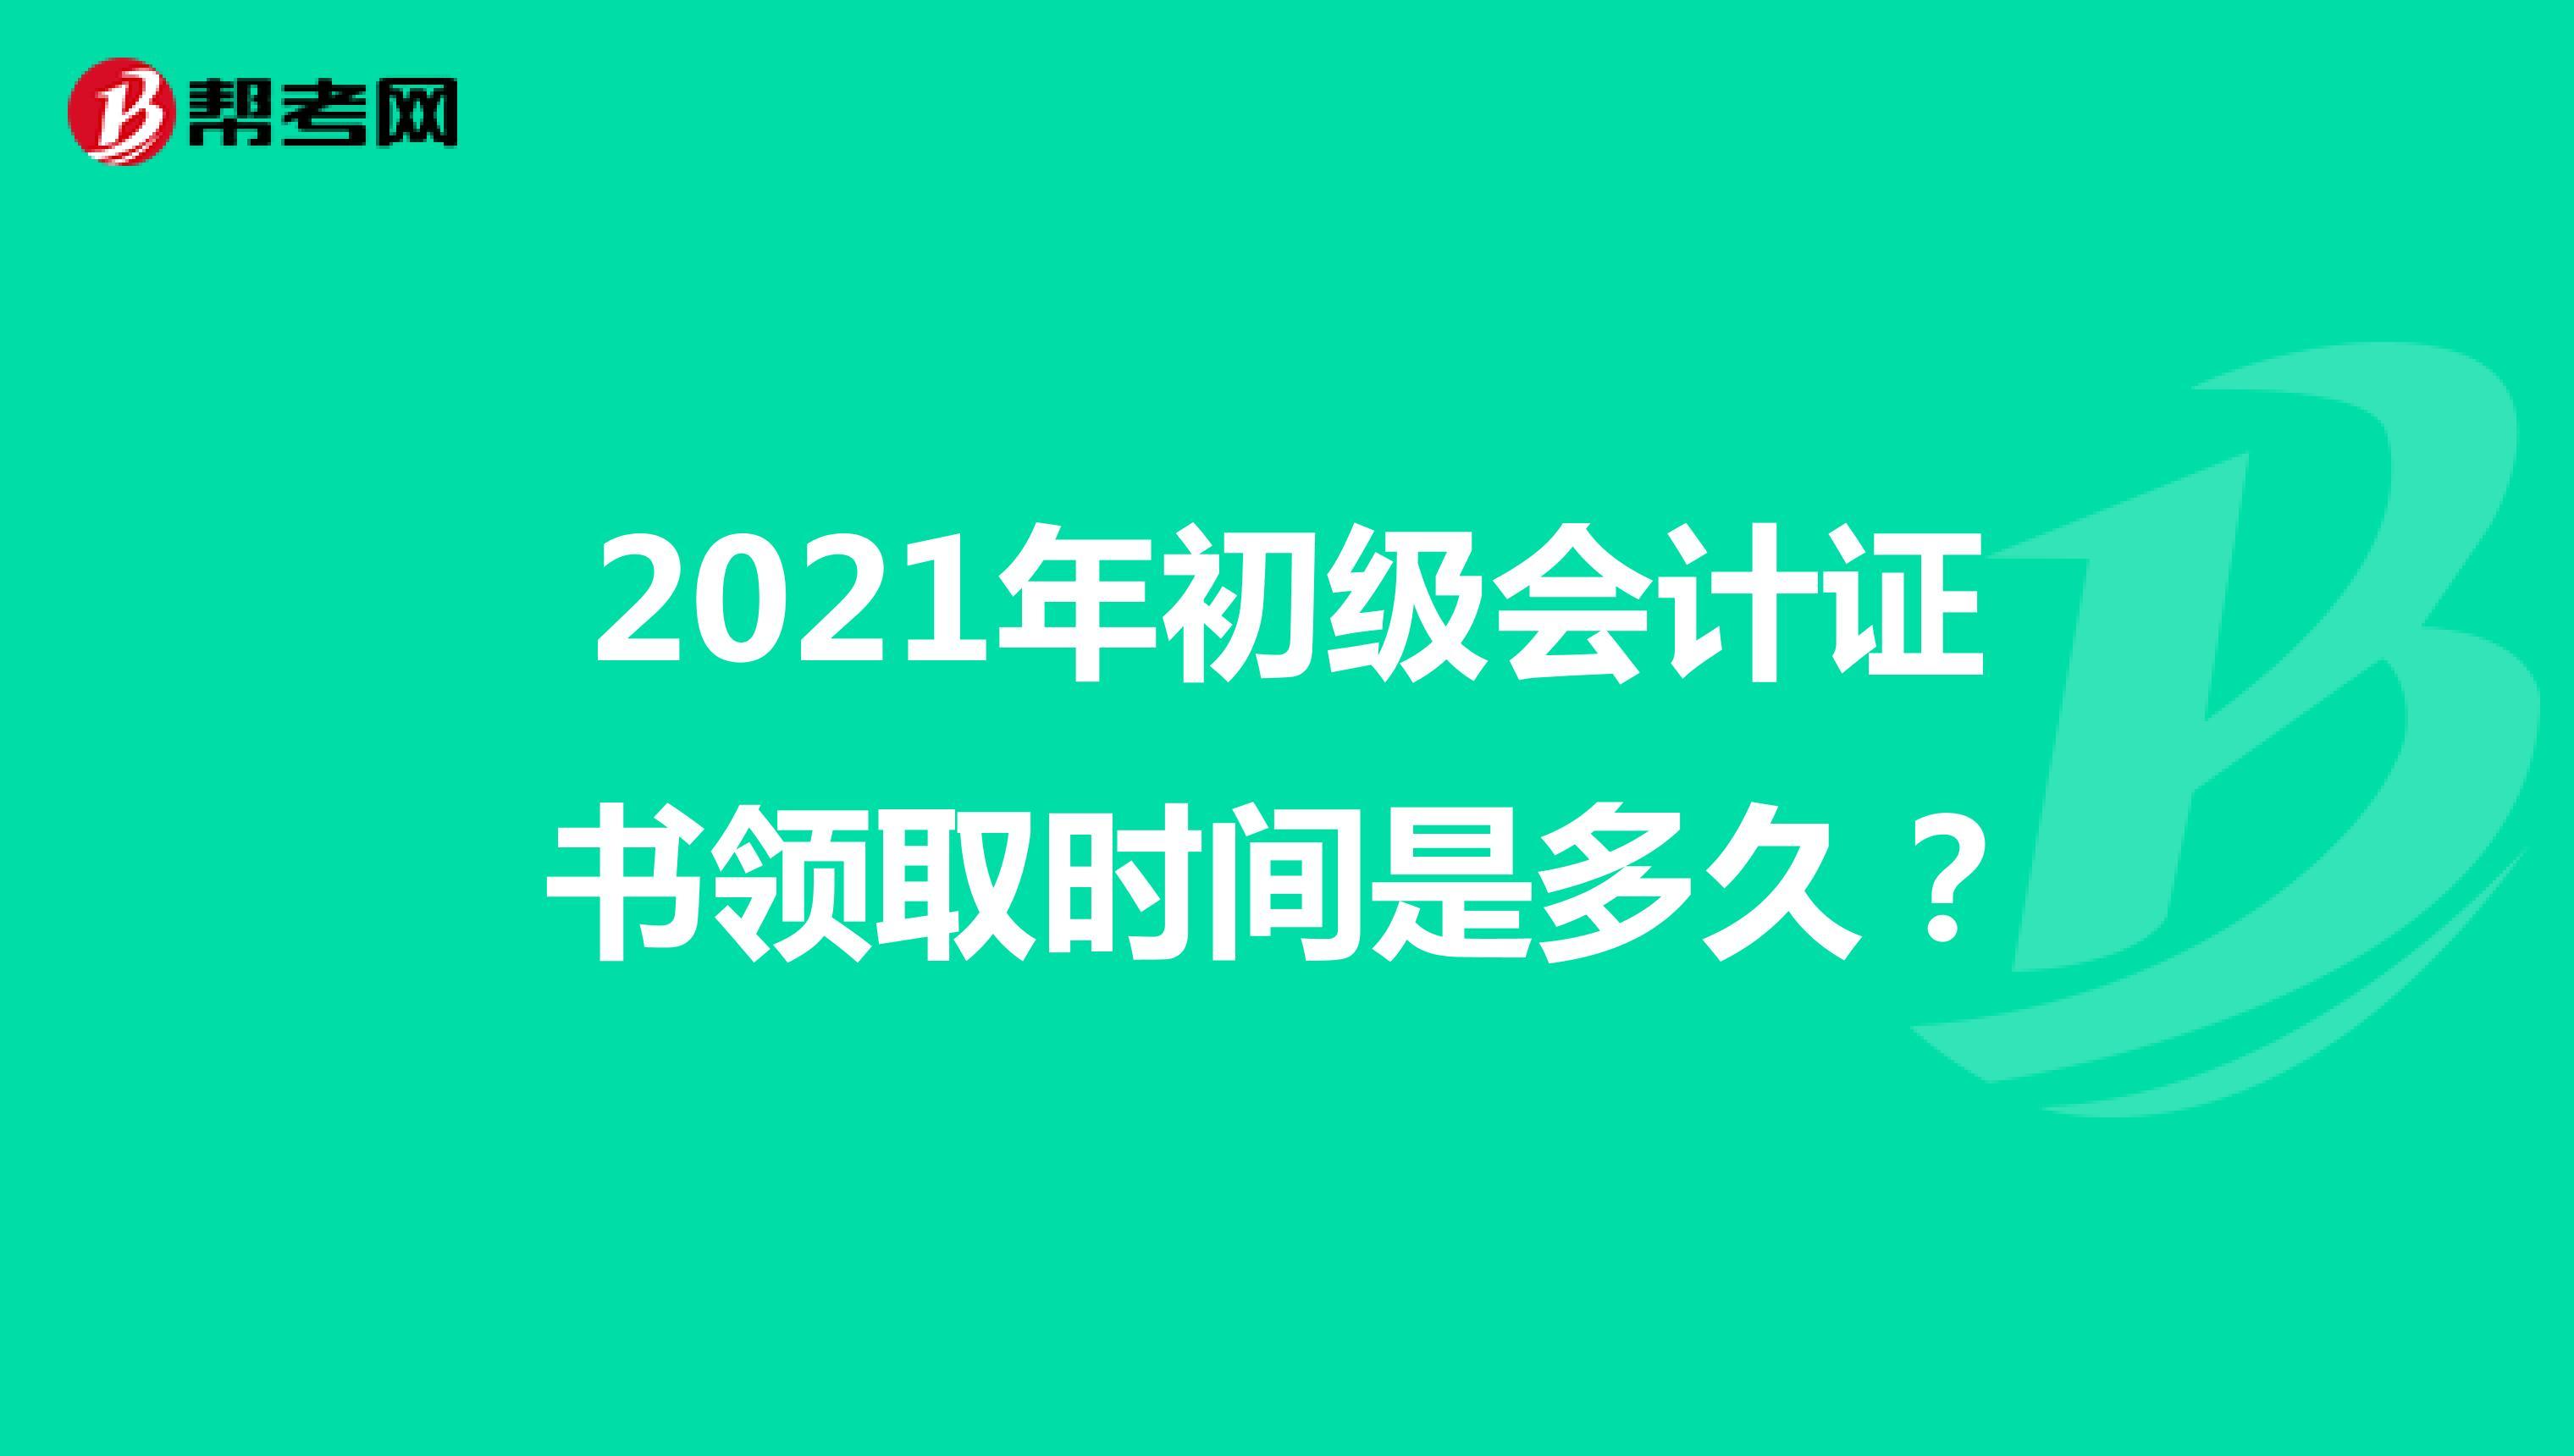 2021年初级会计证书领取时间是多久?